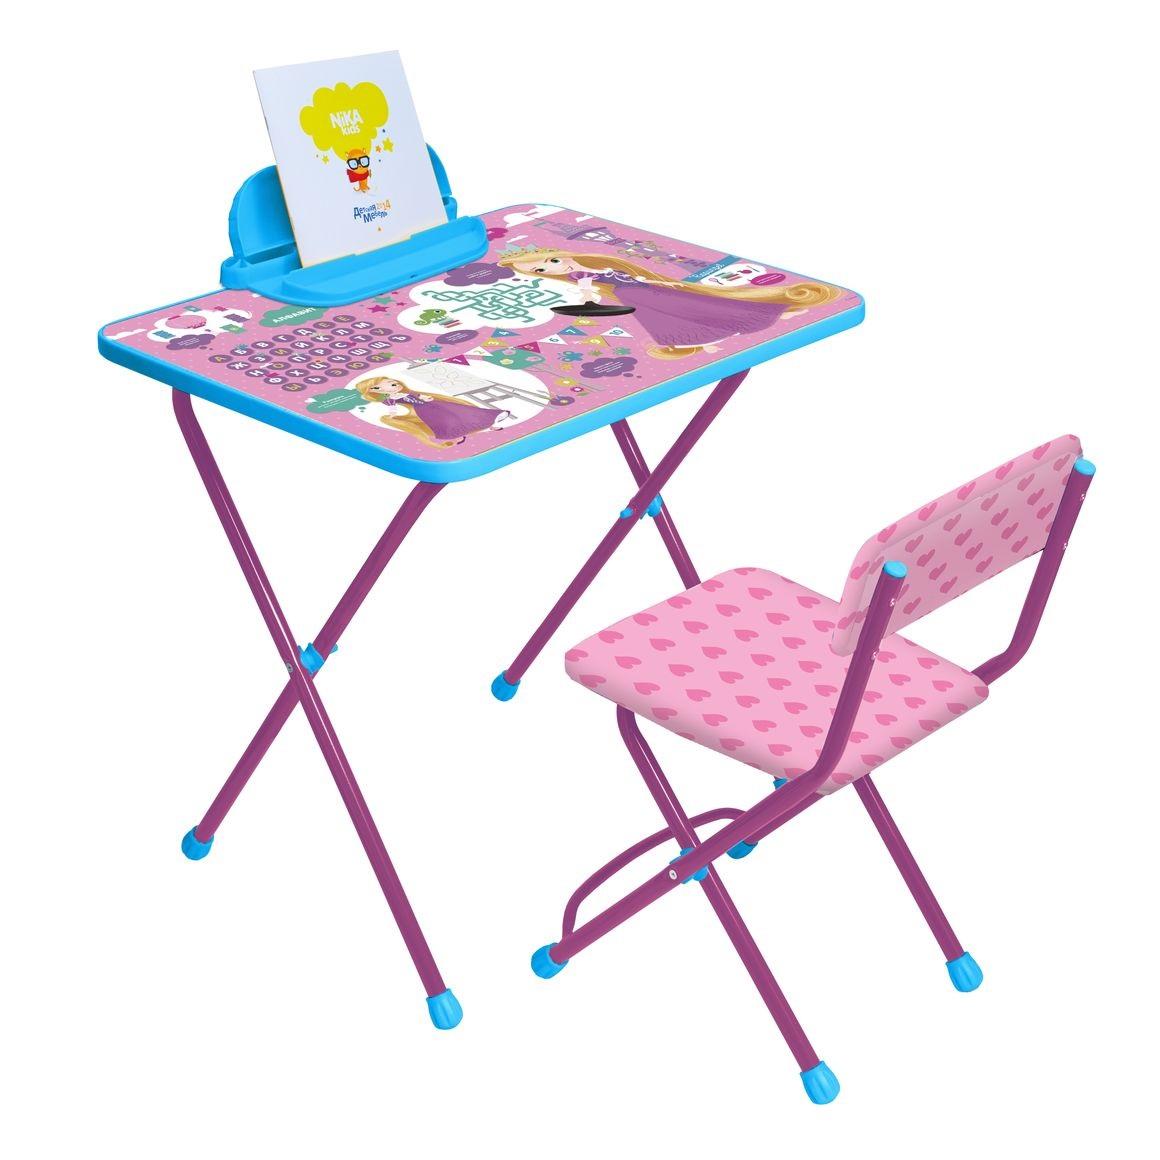 Набор детской мебели в стиле Рапунцель - Игровые столы и стулья, артикул: 161369